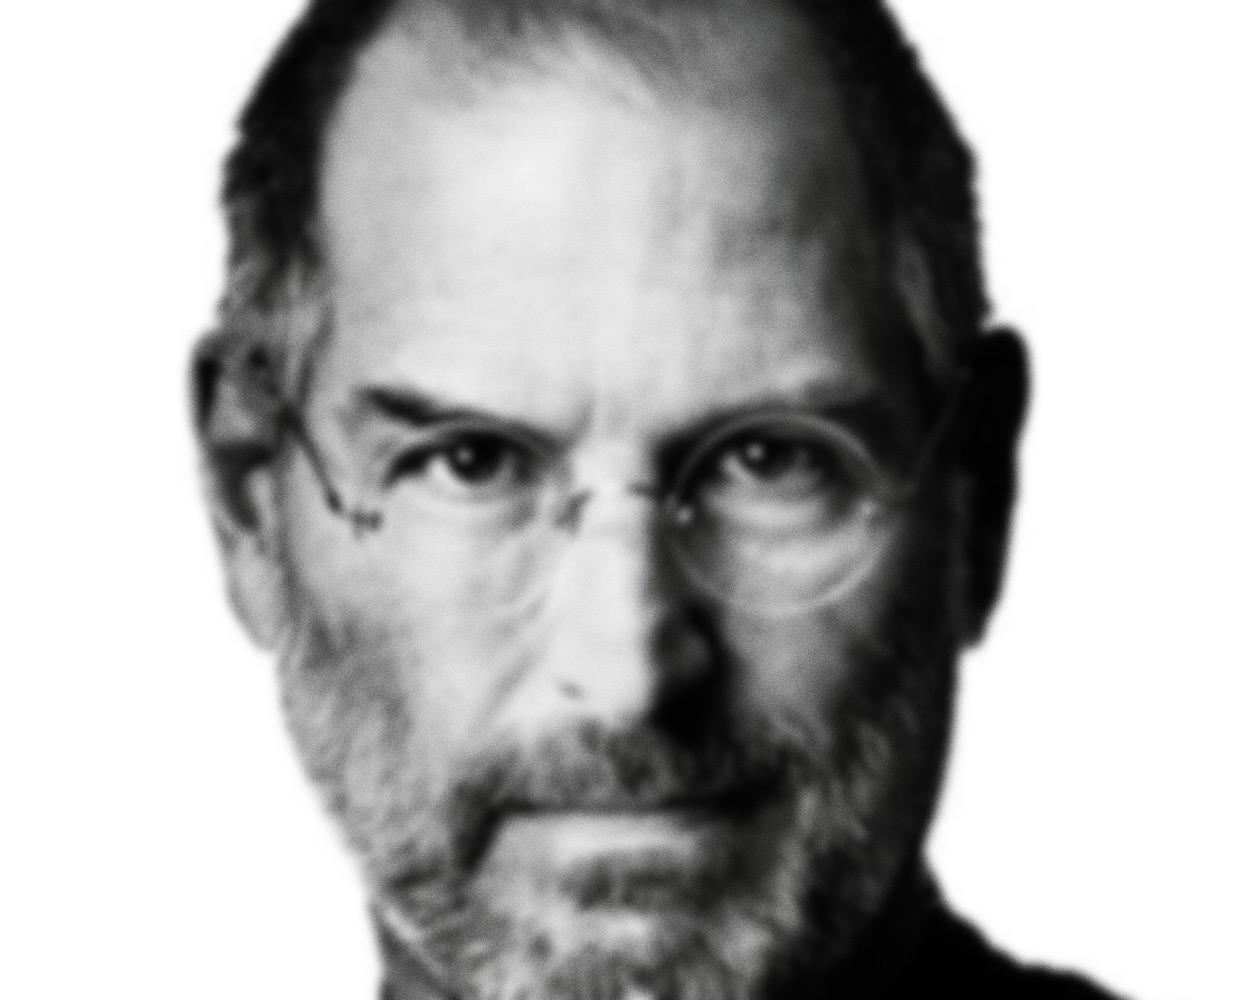 Современное искусство: Стив Джобс из электронного мусора